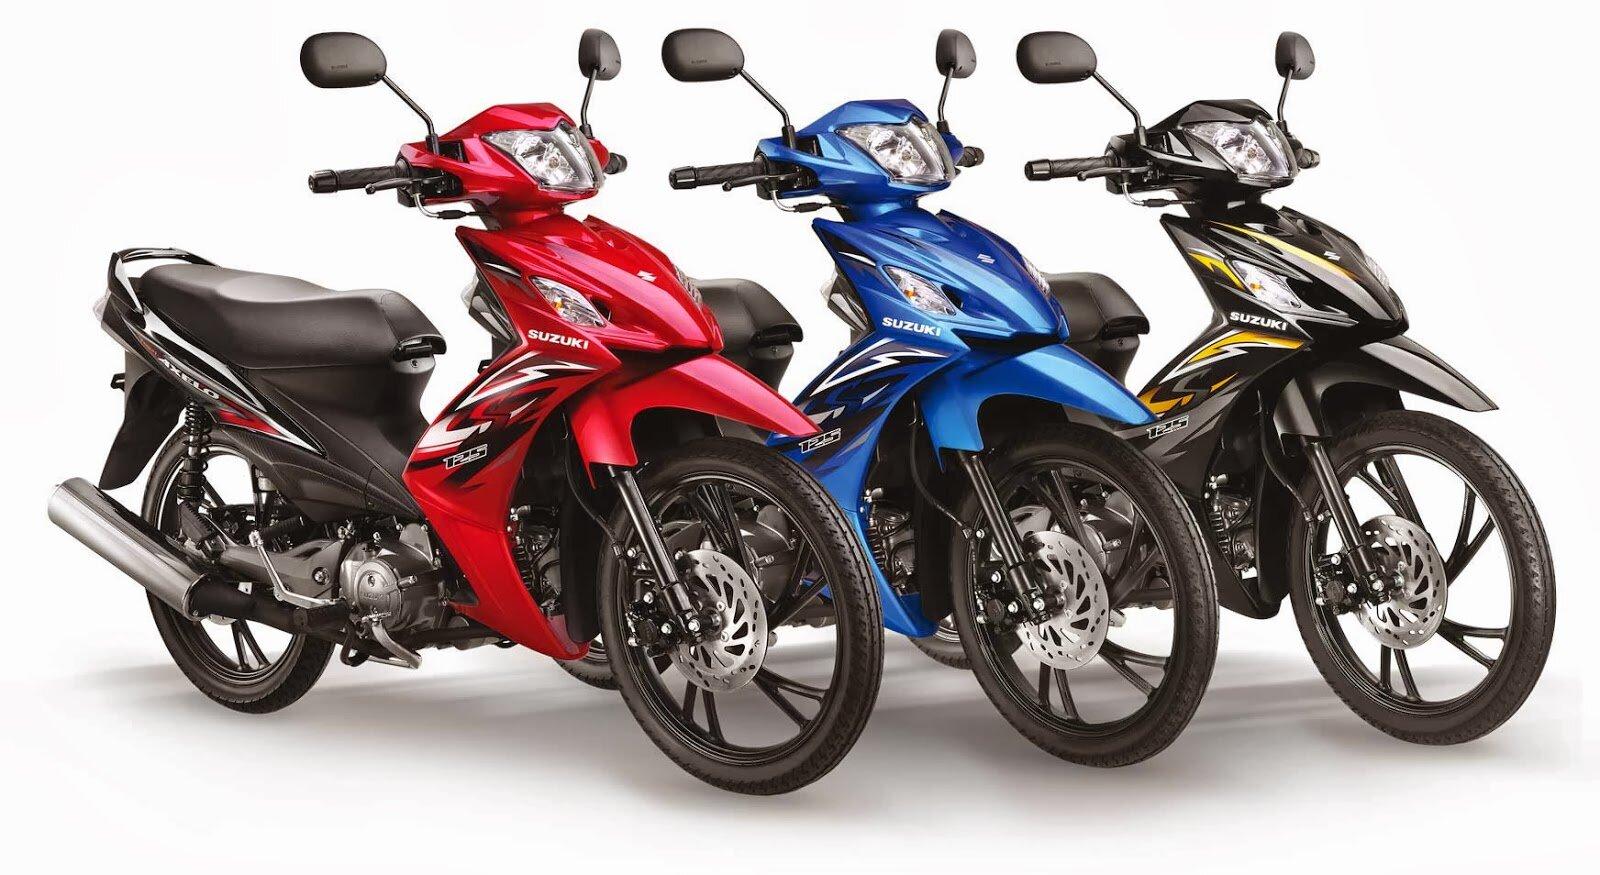 Bảng giá cho thuê xe máy tại các điểm du lịch nổi tiếng năm 2016